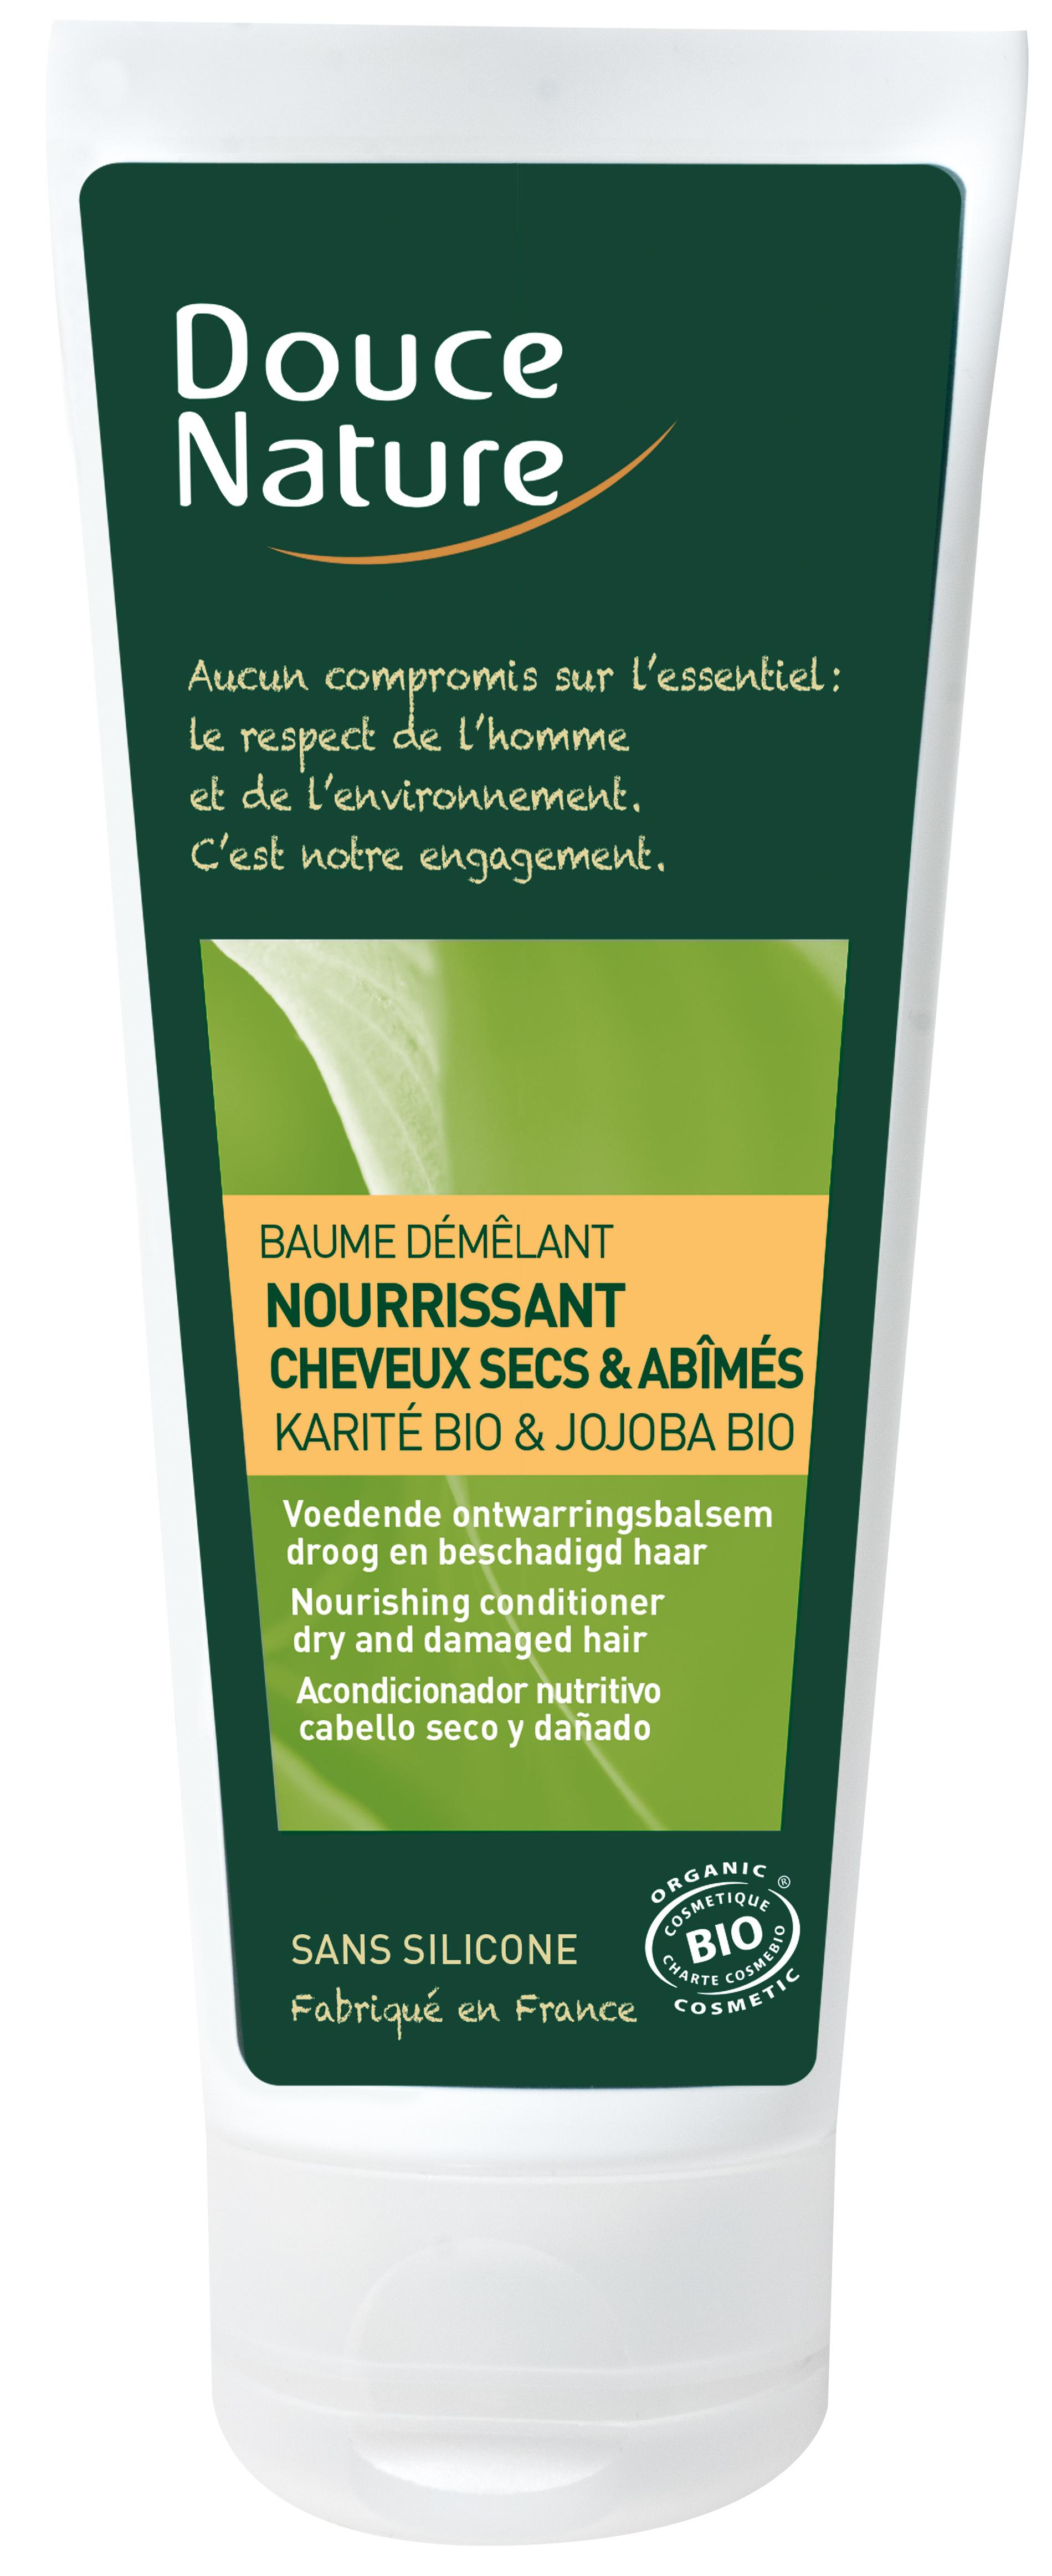 Baume démêlant nourrissant cheveux secs et abimés, Douce Nature (200 ml)